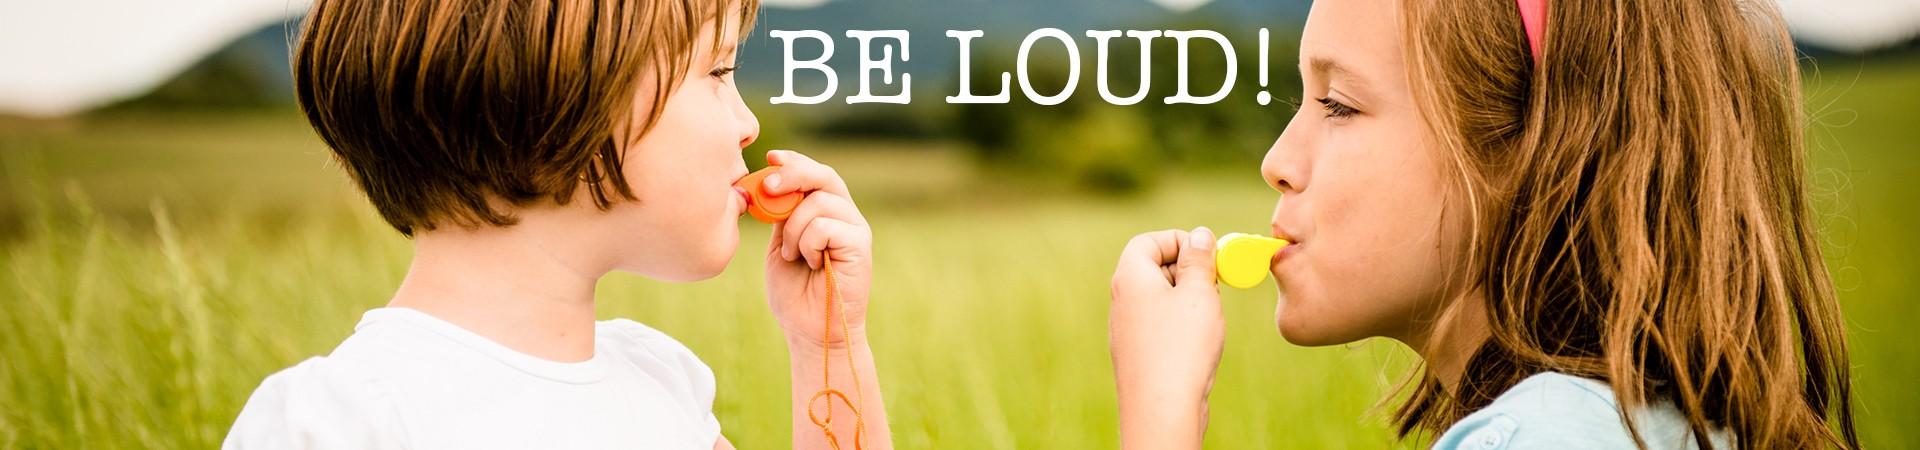 be-loud